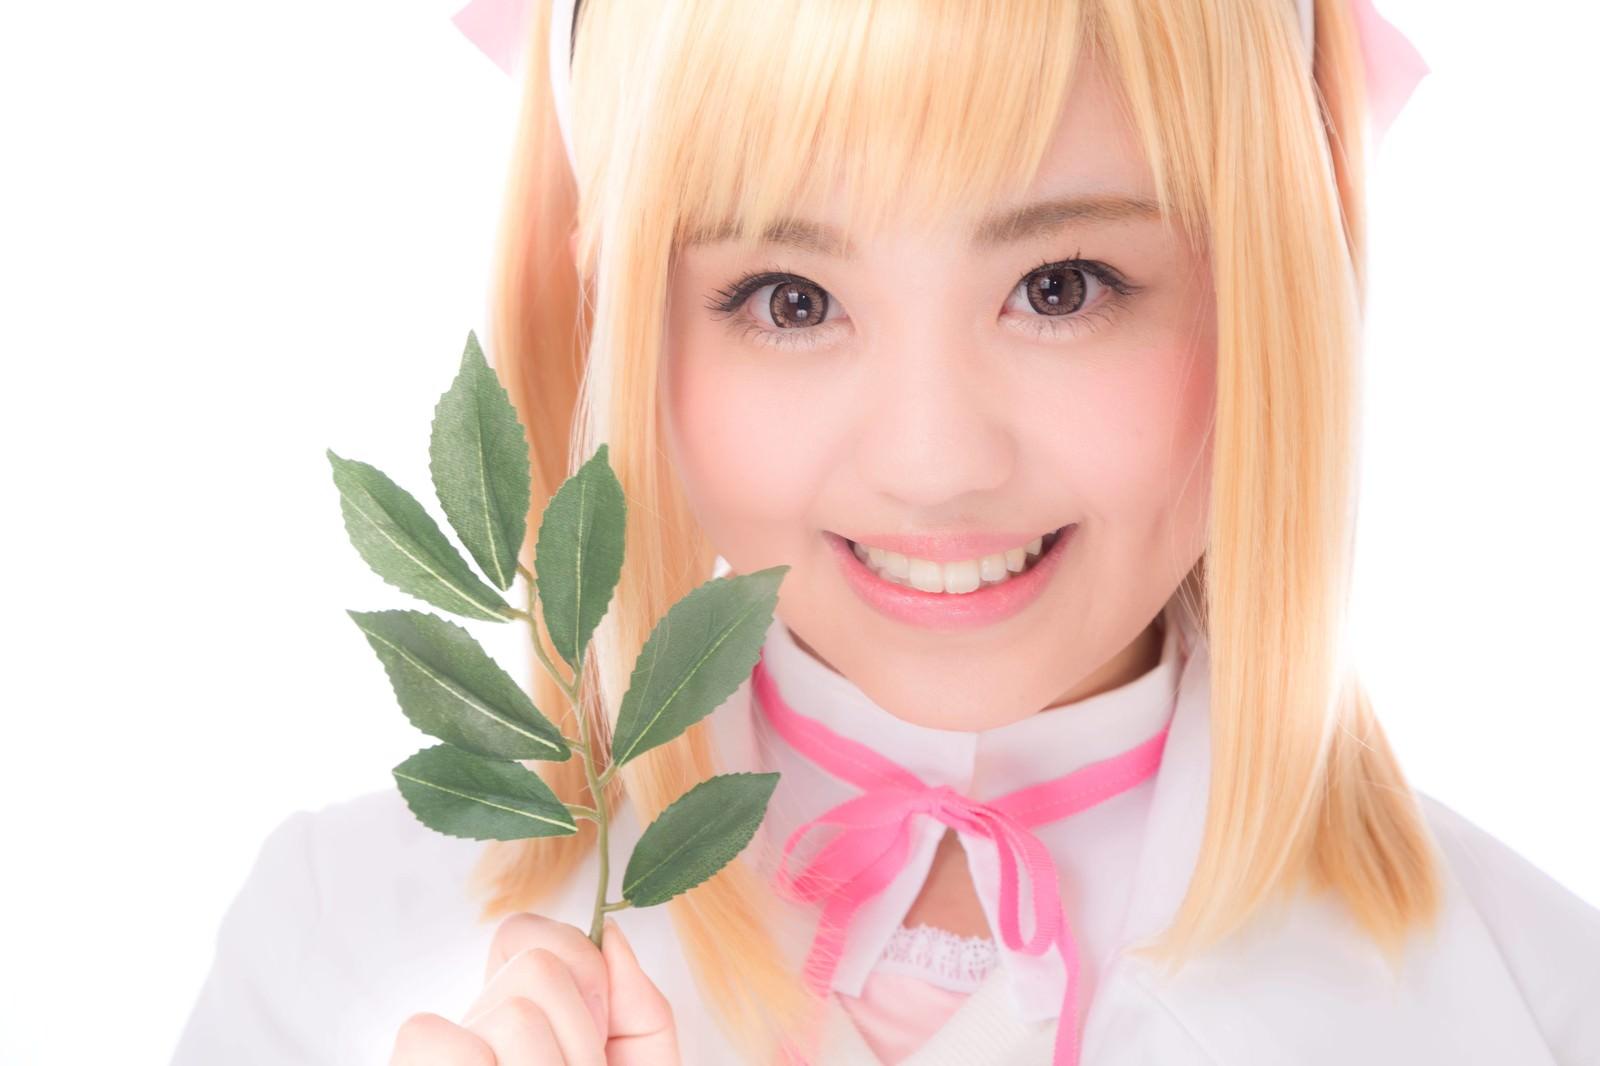 「薬草を持った笑顔がキュートな薬剤師少女薬草を持った笑顔がキュートな薬剤師少女」[モデル:河村友歌]のフリー写真素材を拡大